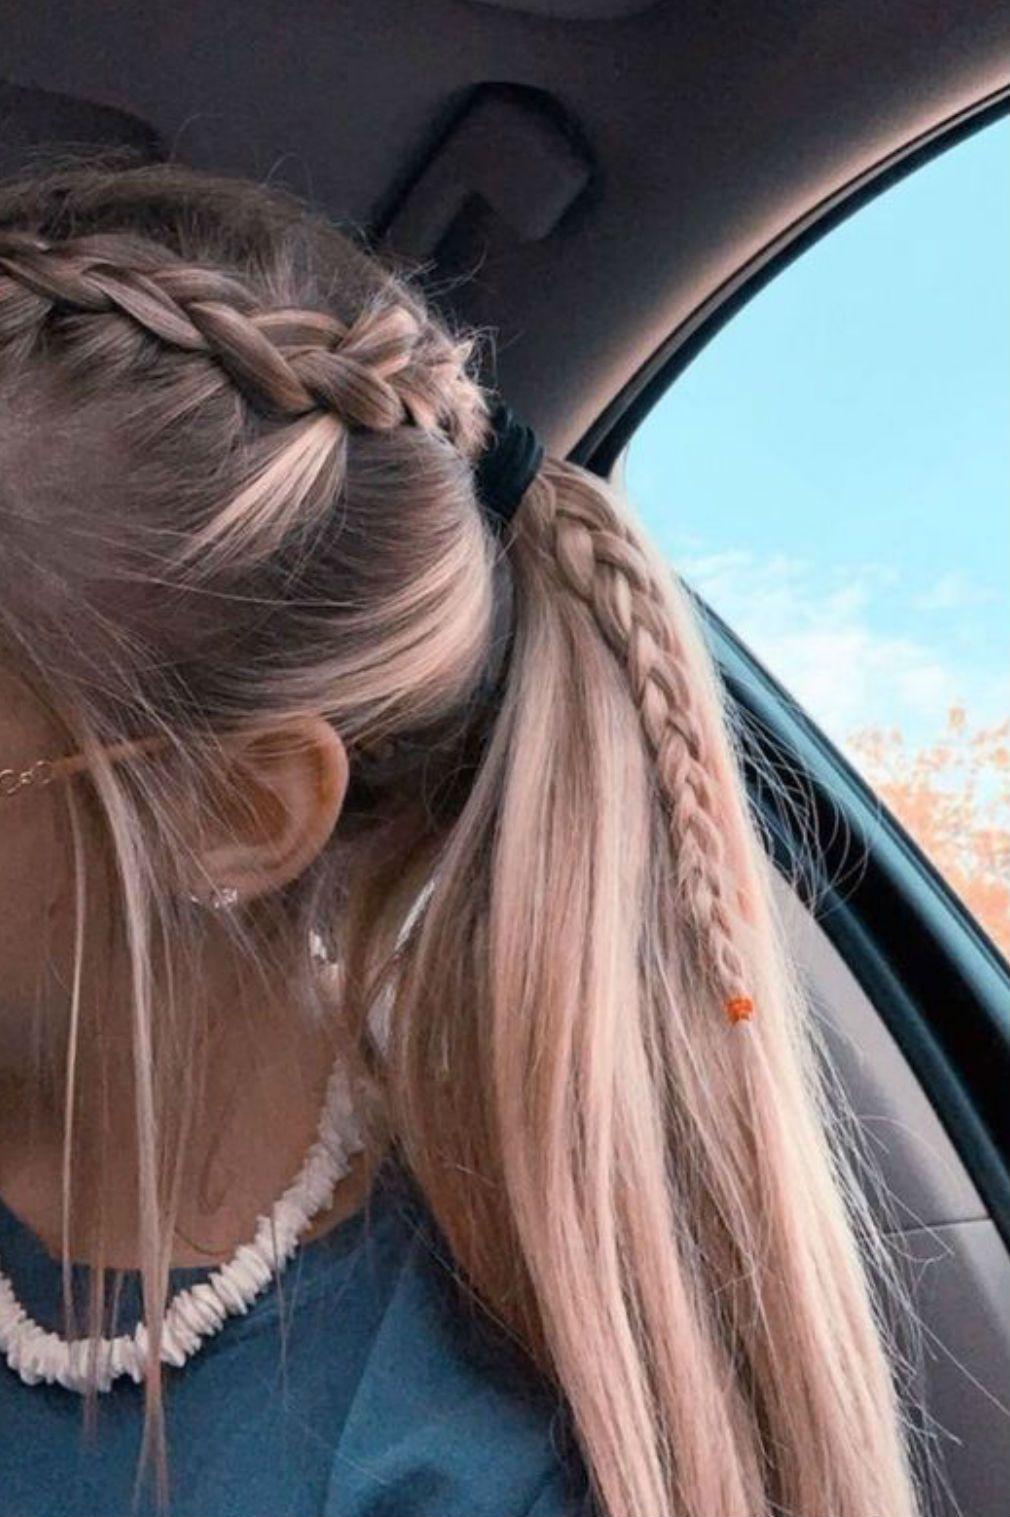 Coiffure : coiffure collection automne-hiver 2016 par Fabio Salsa - Coiffure femme 2020 : les tendances à adopter cette année